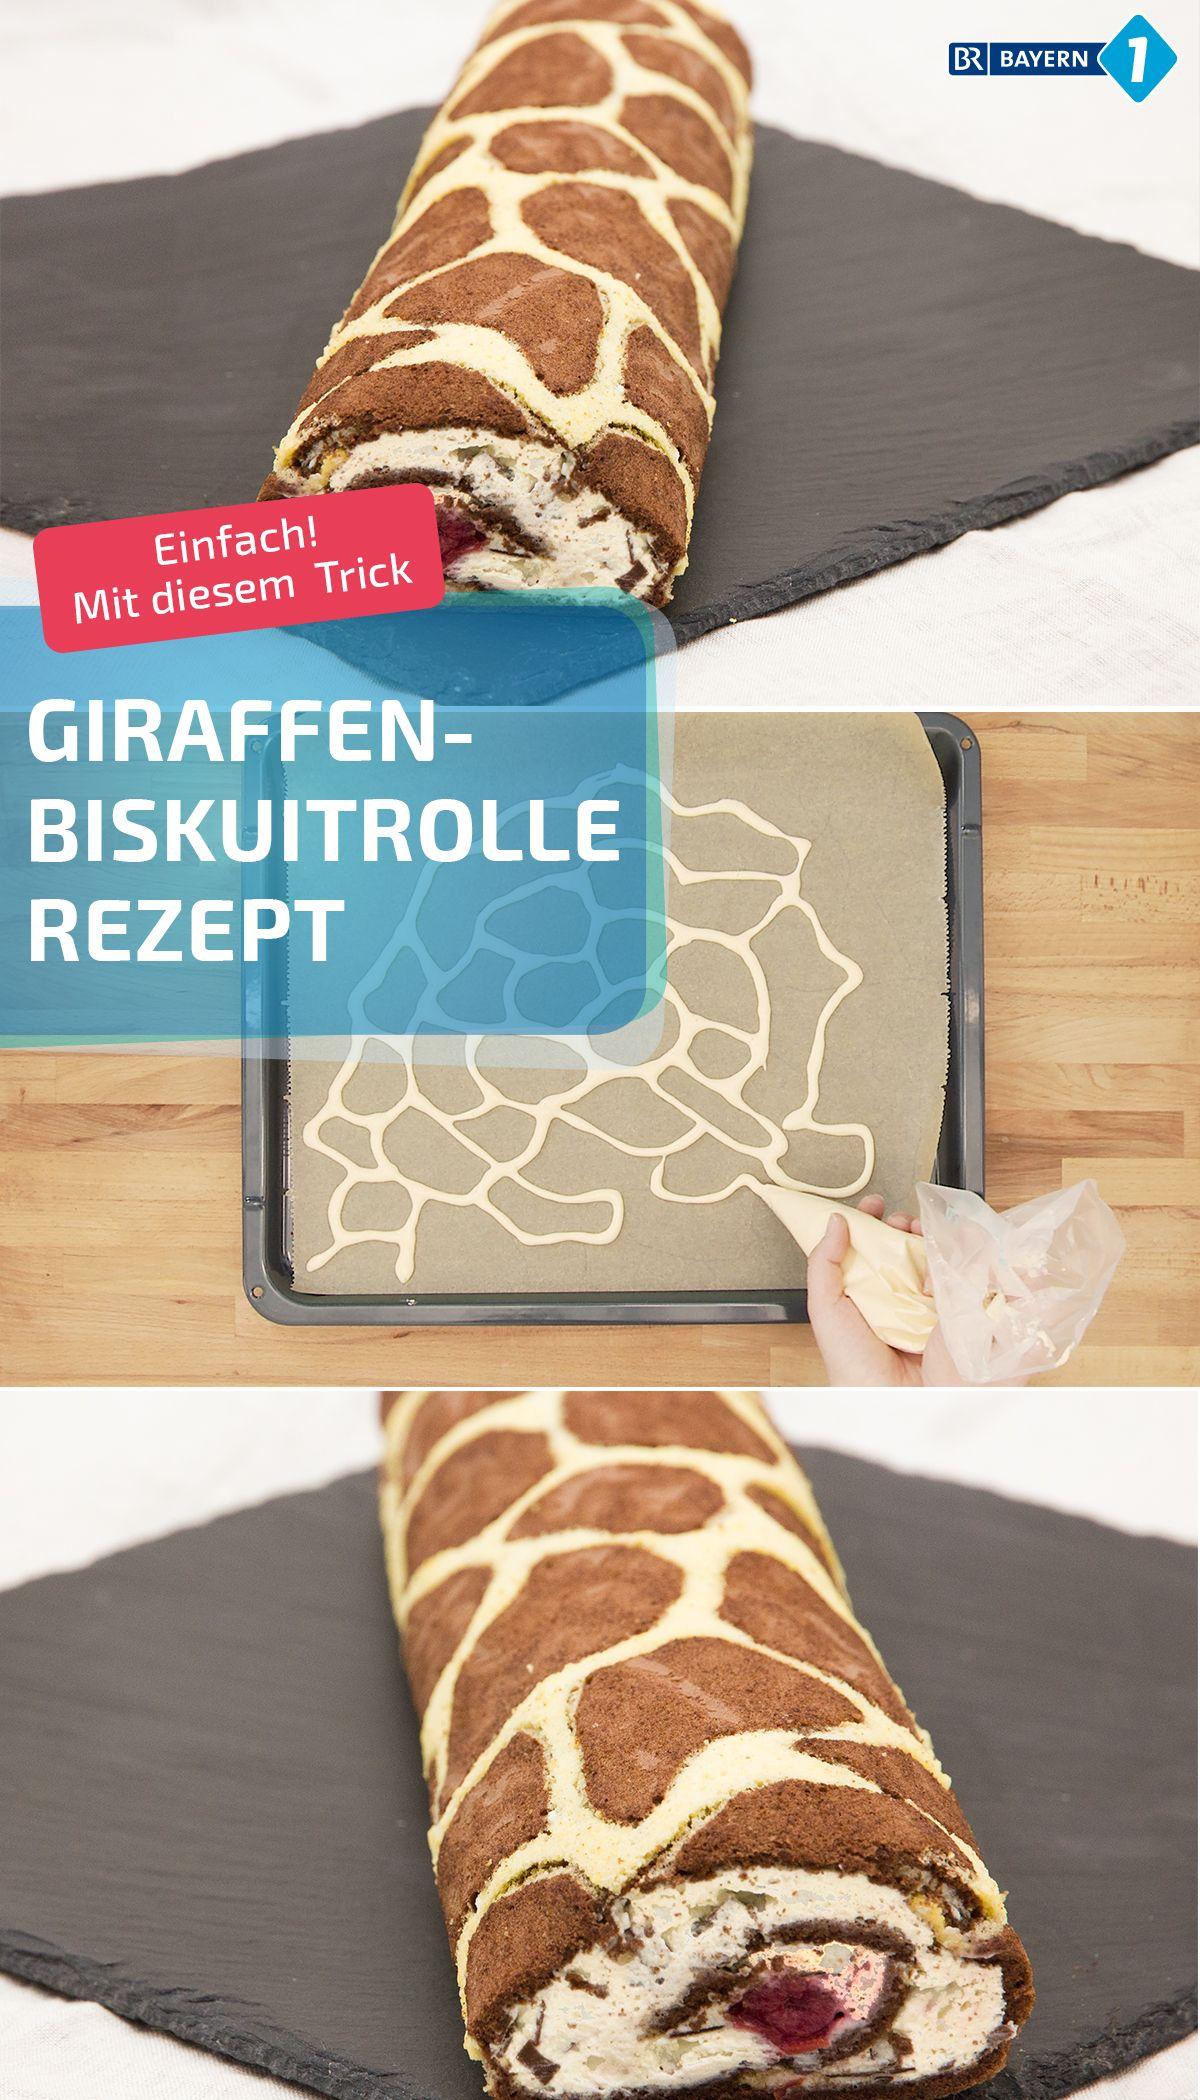 Die Giraffenrolle klappt mit diesem Trick auch bei Back-Anfängern, und dabei ist die gescheckte Biskuitrolle ganz fluffig und lecker. Bei der Füllung vom Giraffenkuchen sind Kirschen, Sahne oder bunte Eigenkreationen möglich. #backen #biskuit #biskuitrolle #giraffenkuchen #giraffepattern